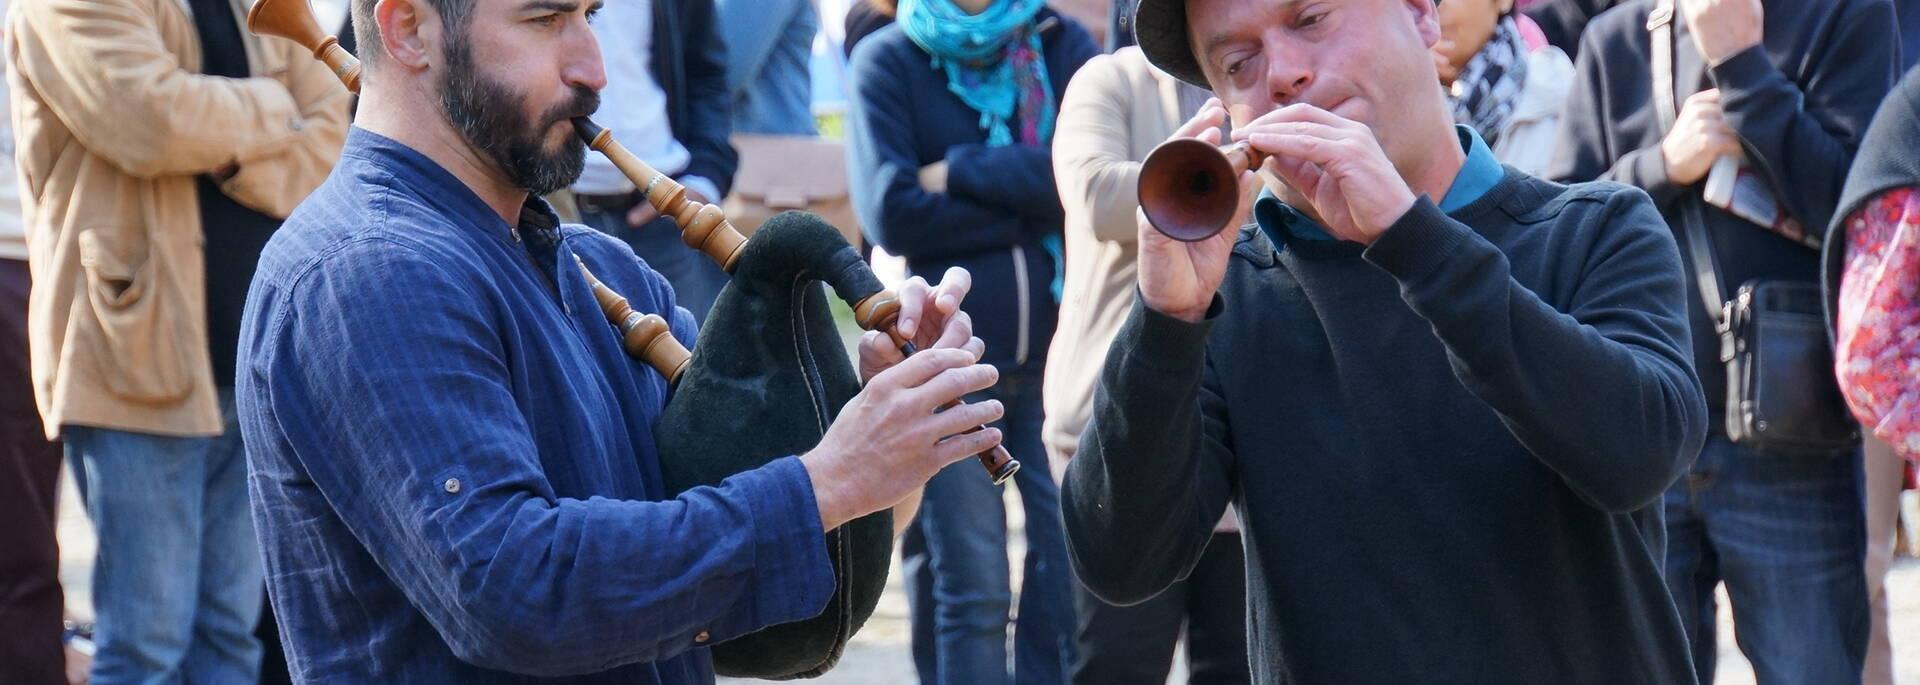 Bombarde players © Comité des sonneurs à Gourin